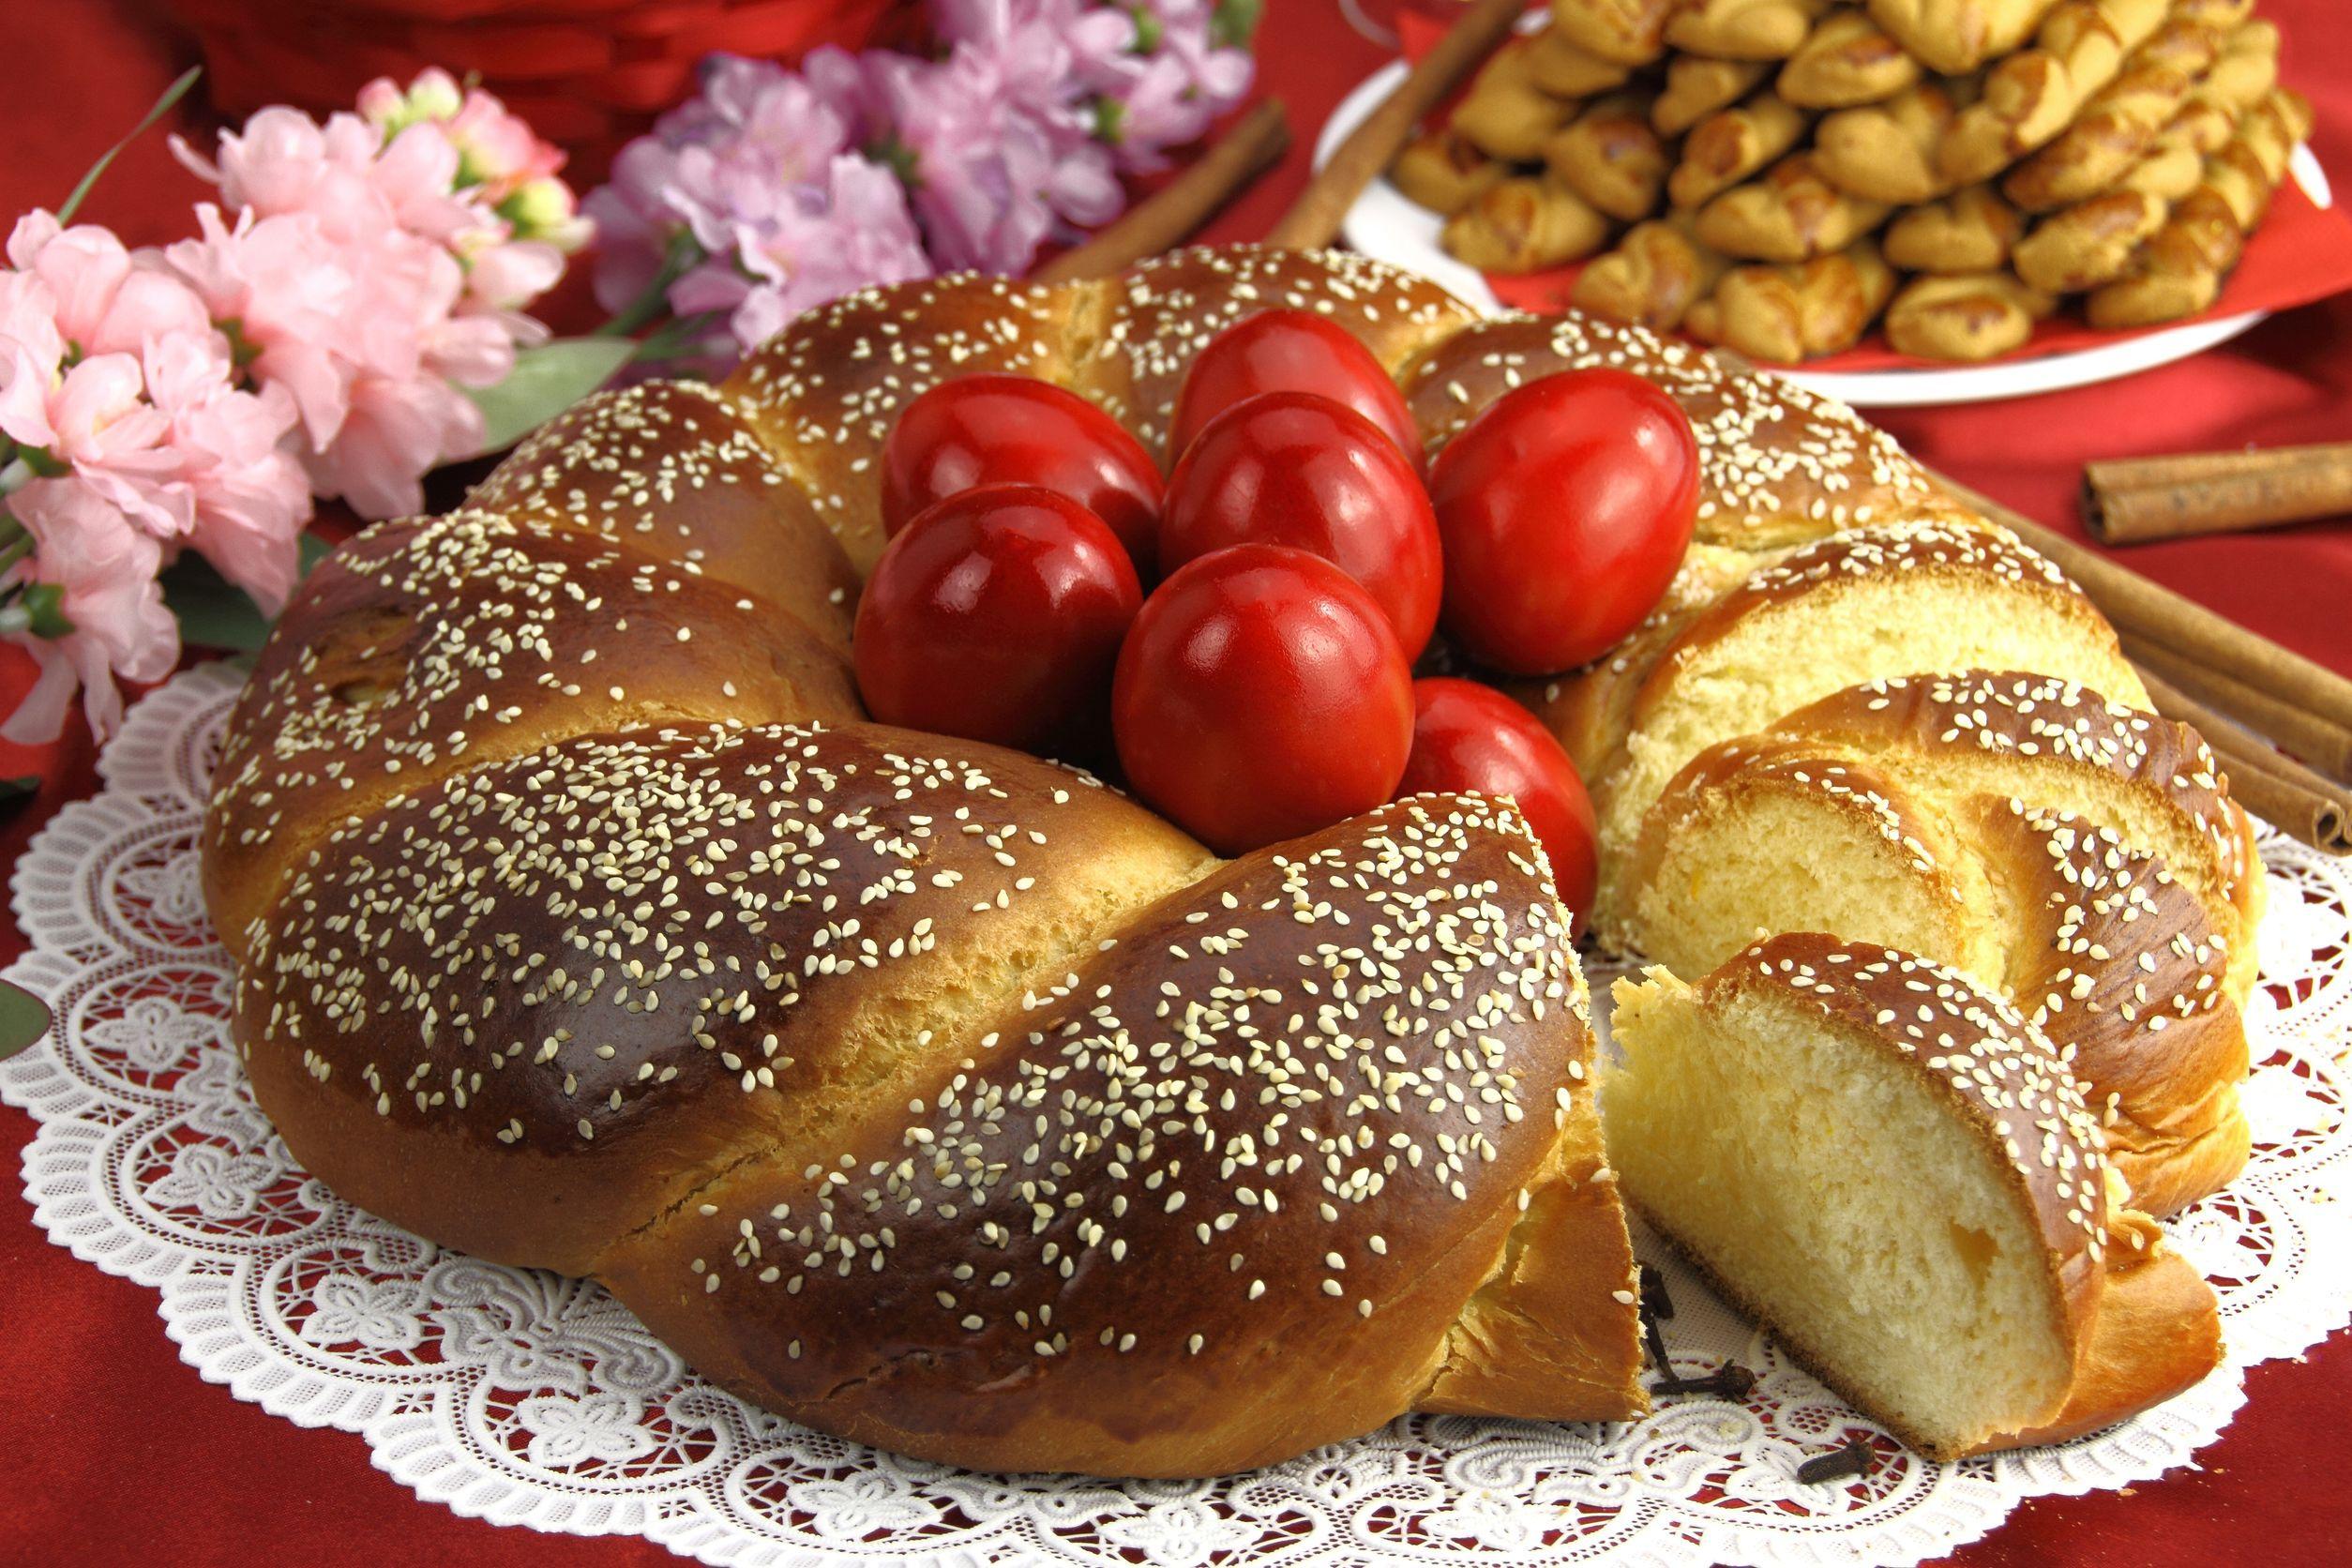 Mâncăruri tradiţionale de Paşte, un tur culinar în jurul lumii